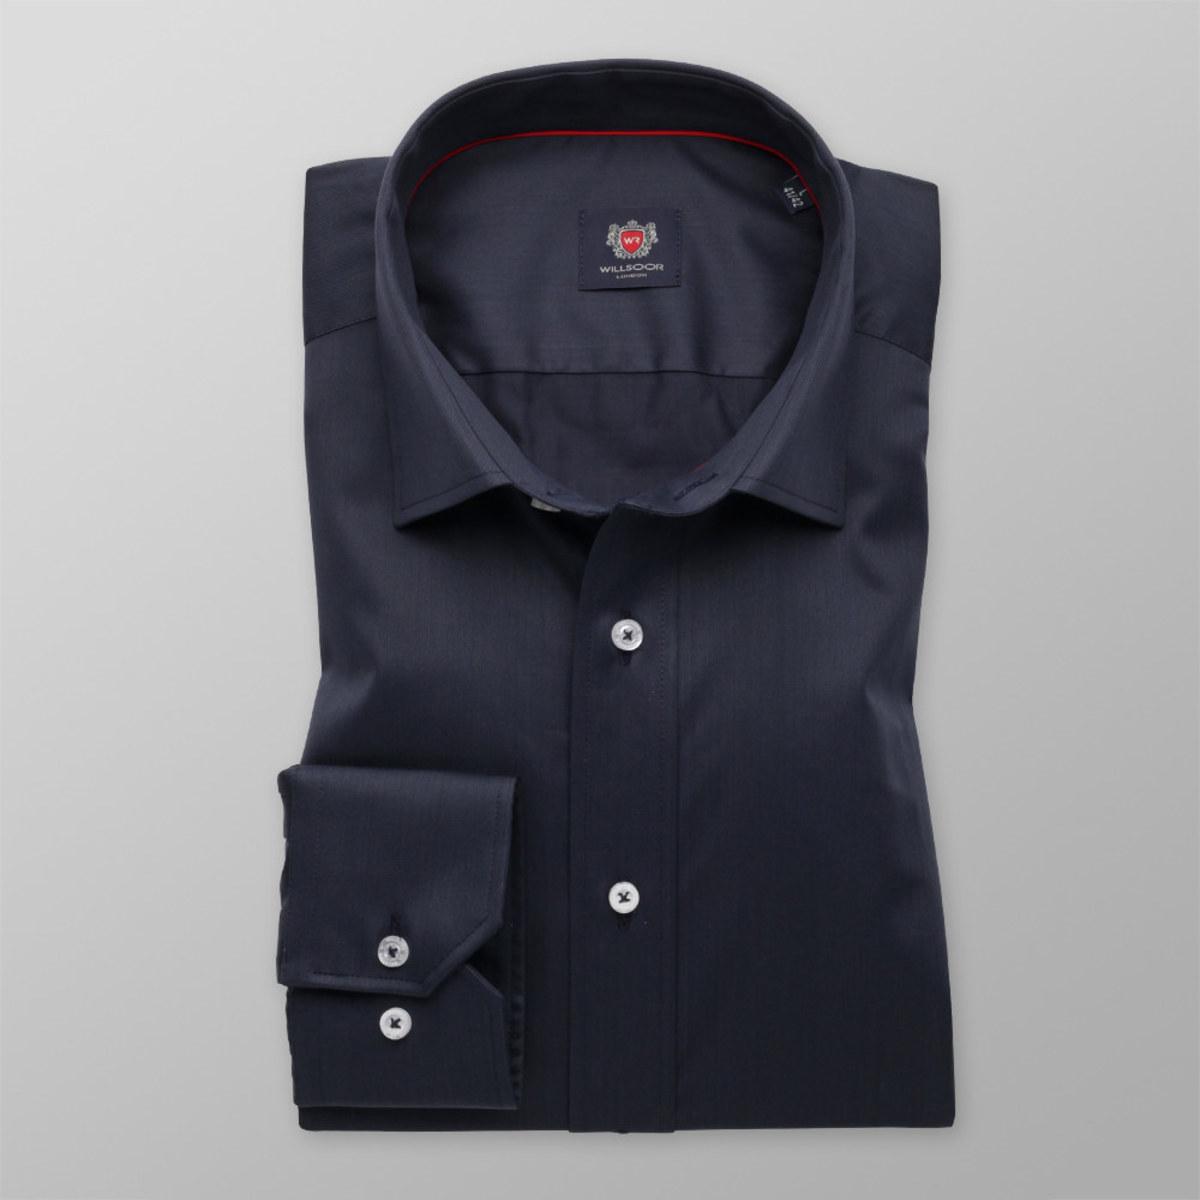 Pánská slim fit košile London (výška 198-204) 8323 v modré barvě 176-182 / XL (43/44)